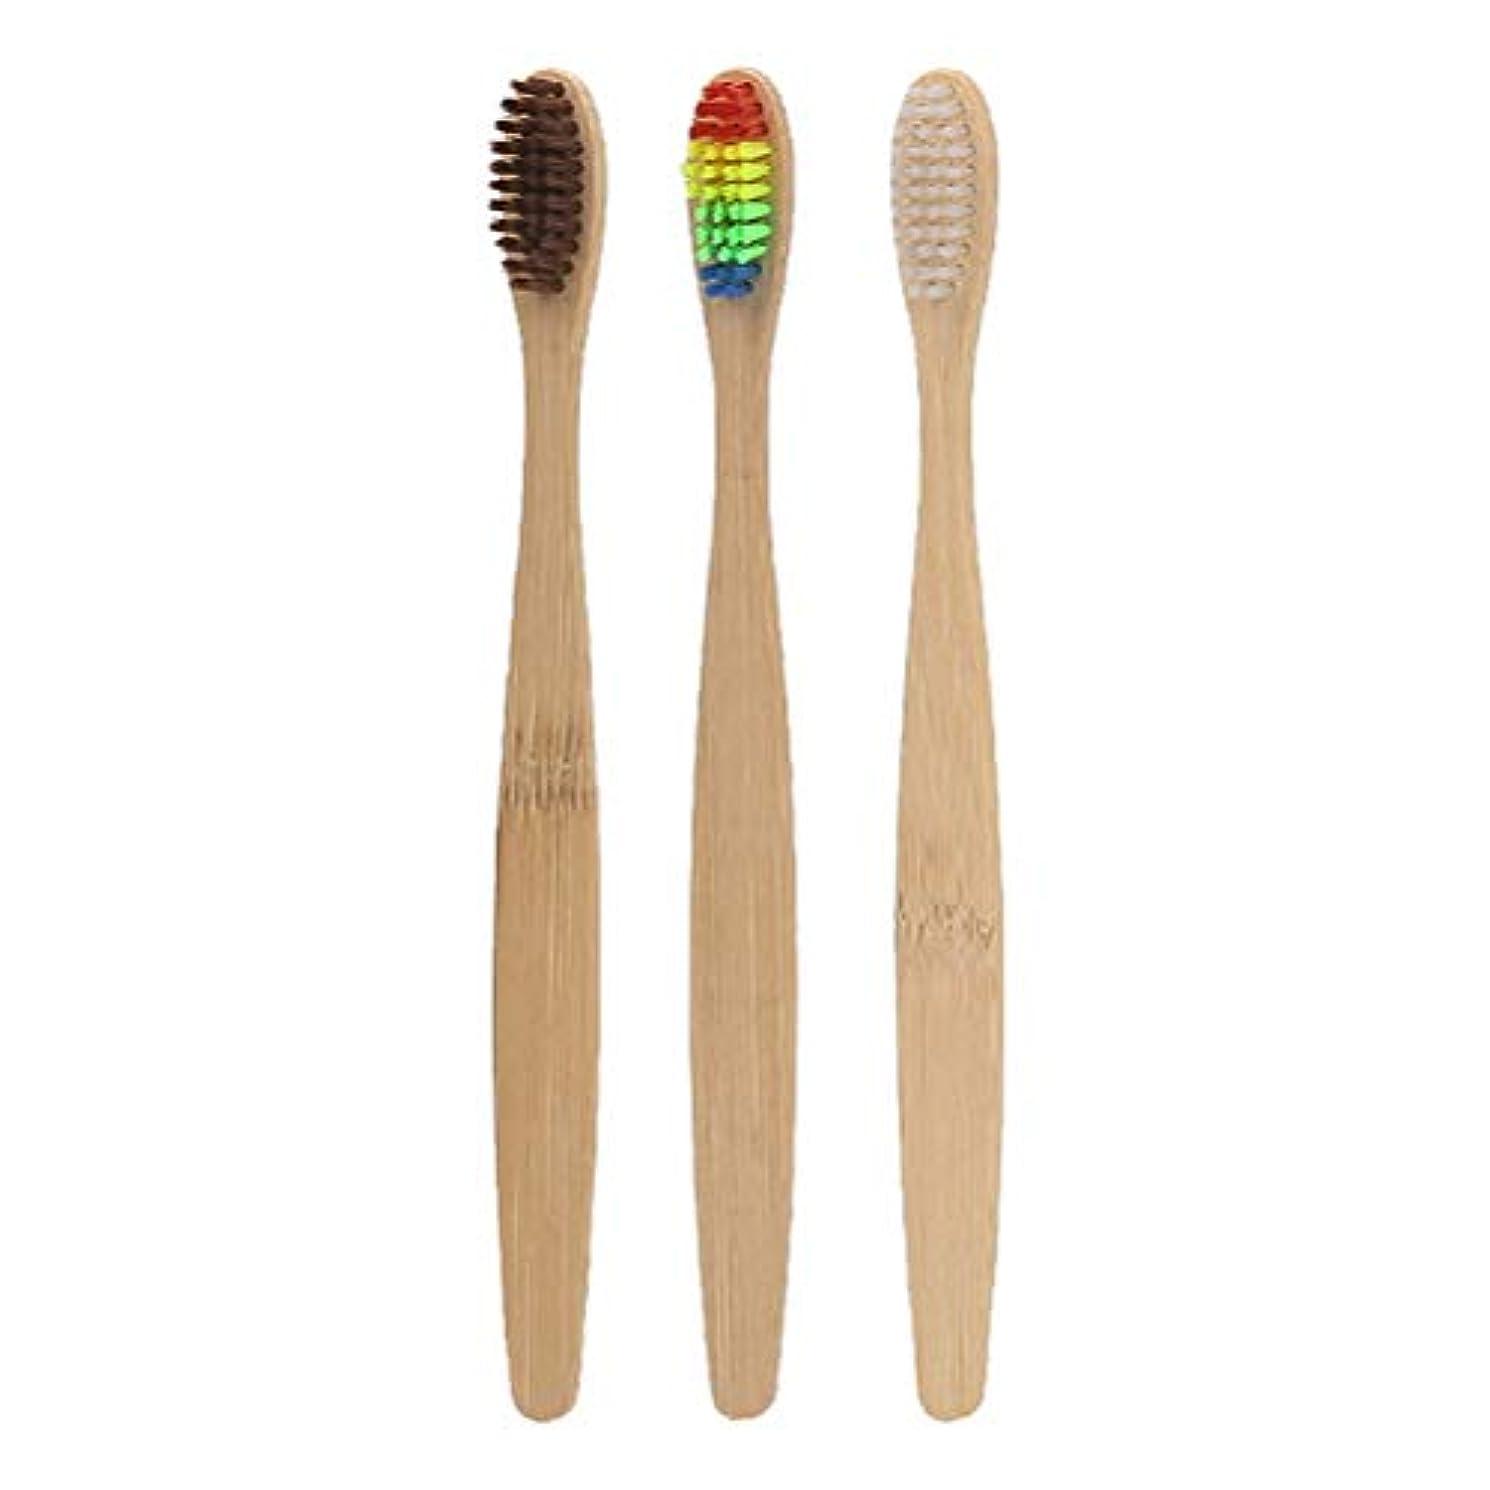 成功ムス可動Healifty 環境に優しい竹製の歯ブラシ3本の柔らかい環境に優しい竹製の歯ブラシ男性用女性